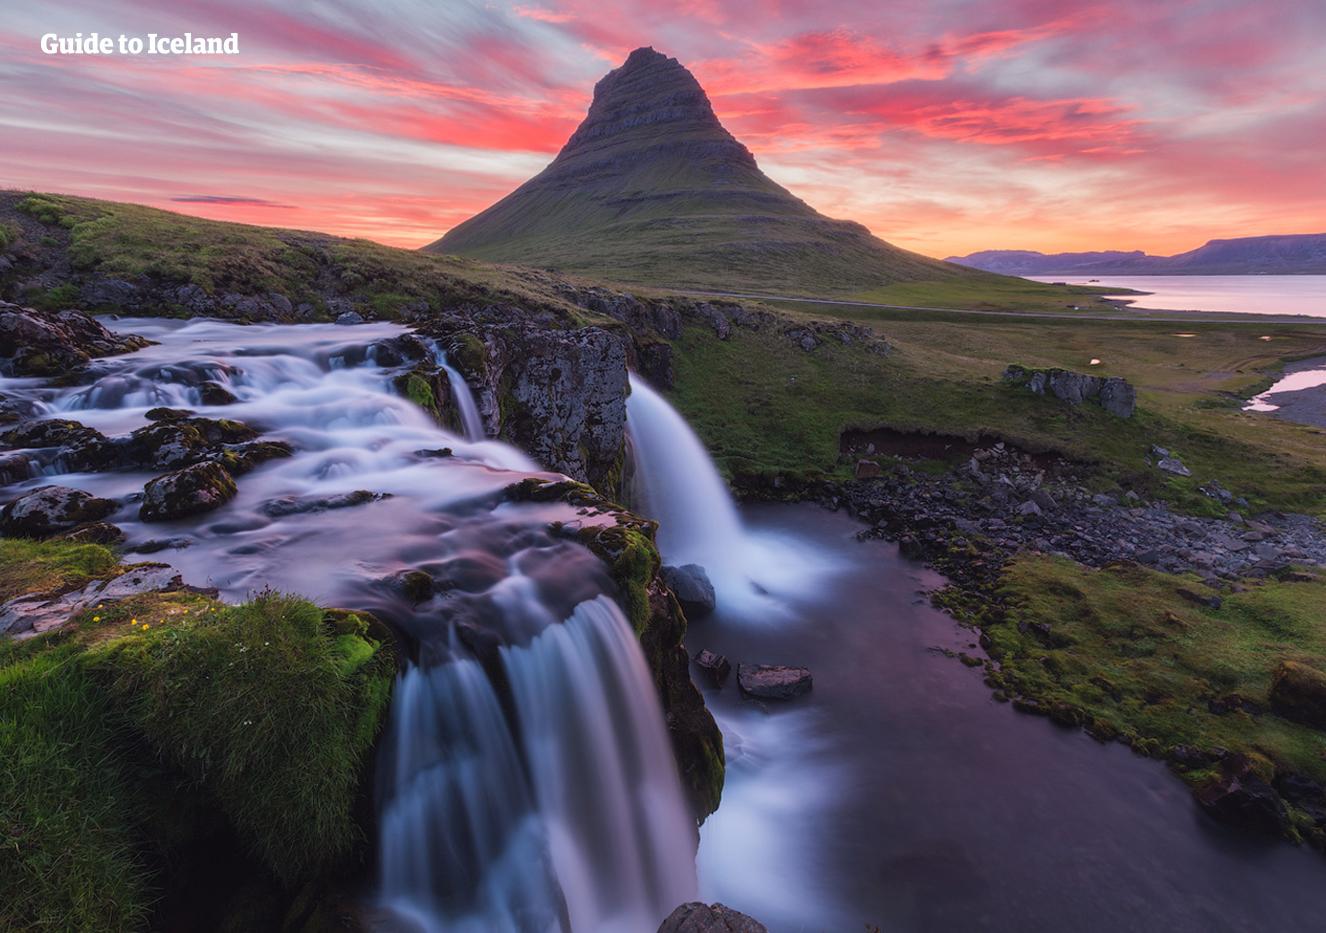 La Montaña Kirkjufell cerca de la ciudad de Grundarfjörður en la península de Snaefellsnes.